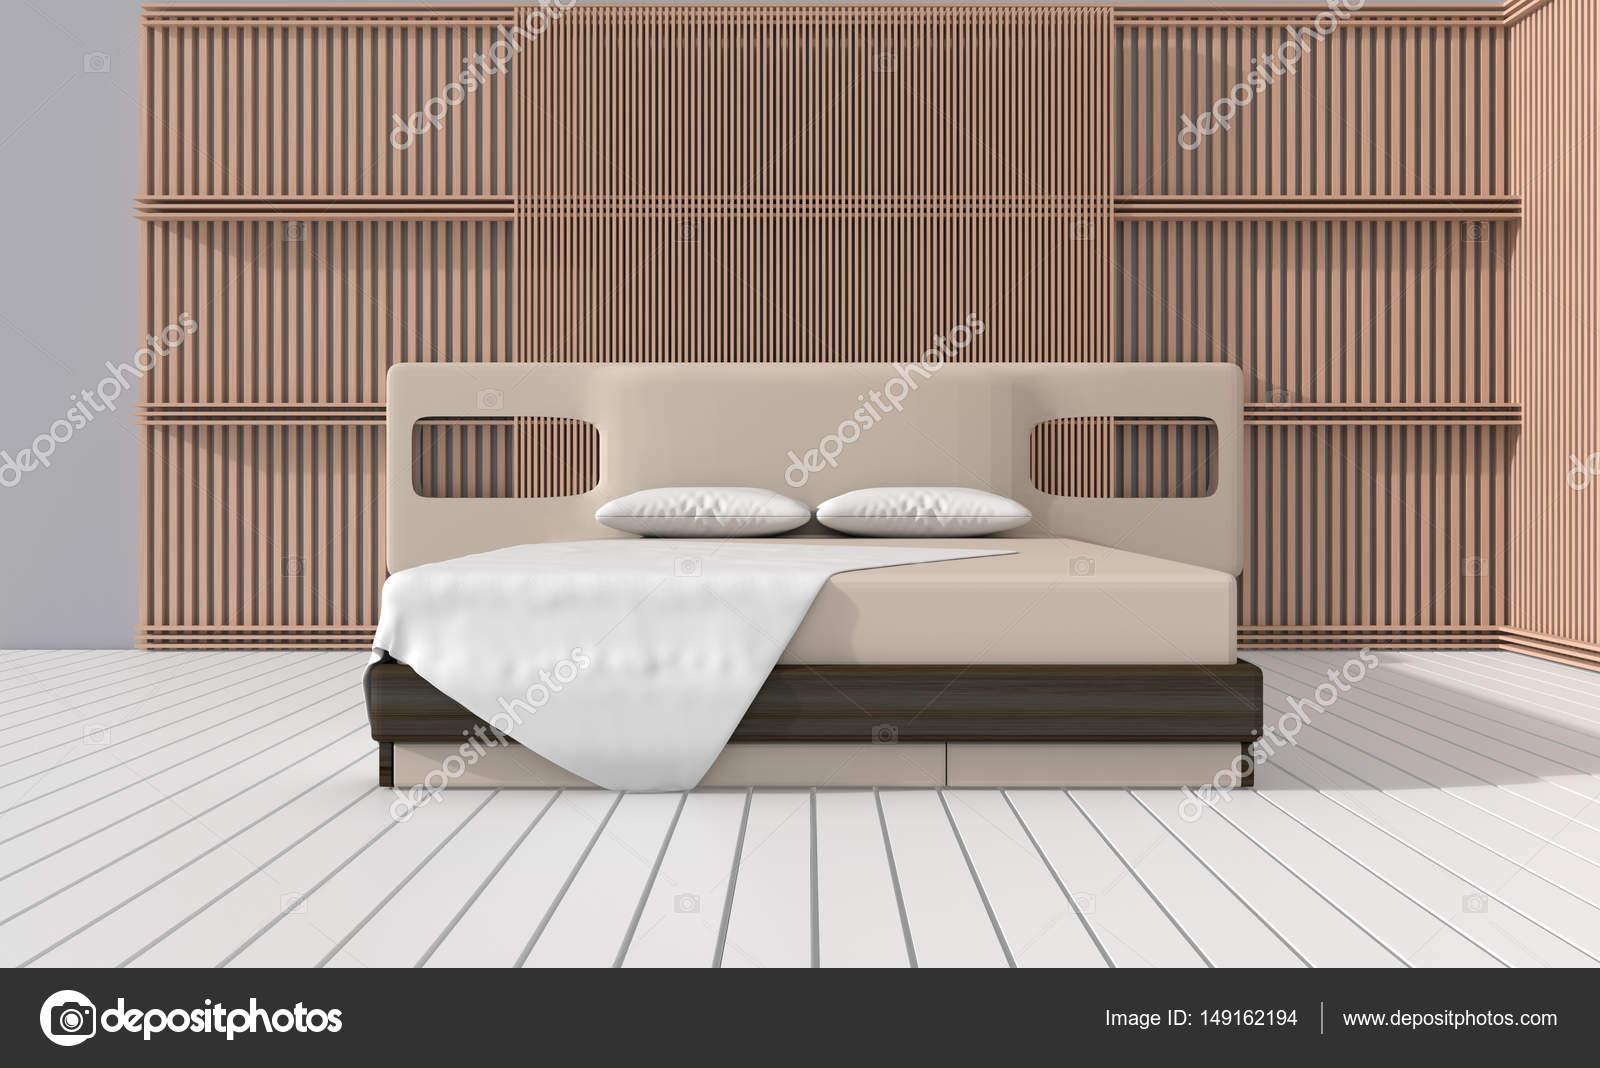 Schlafzimmer In Warmen Hellen Farben. Dekorieren Sie Mit Lamelle Wand,  Weißen Holzboden, Kissen Und Decke. Großes Bequemes Bett Im Klassischen  Schlafzimmer.